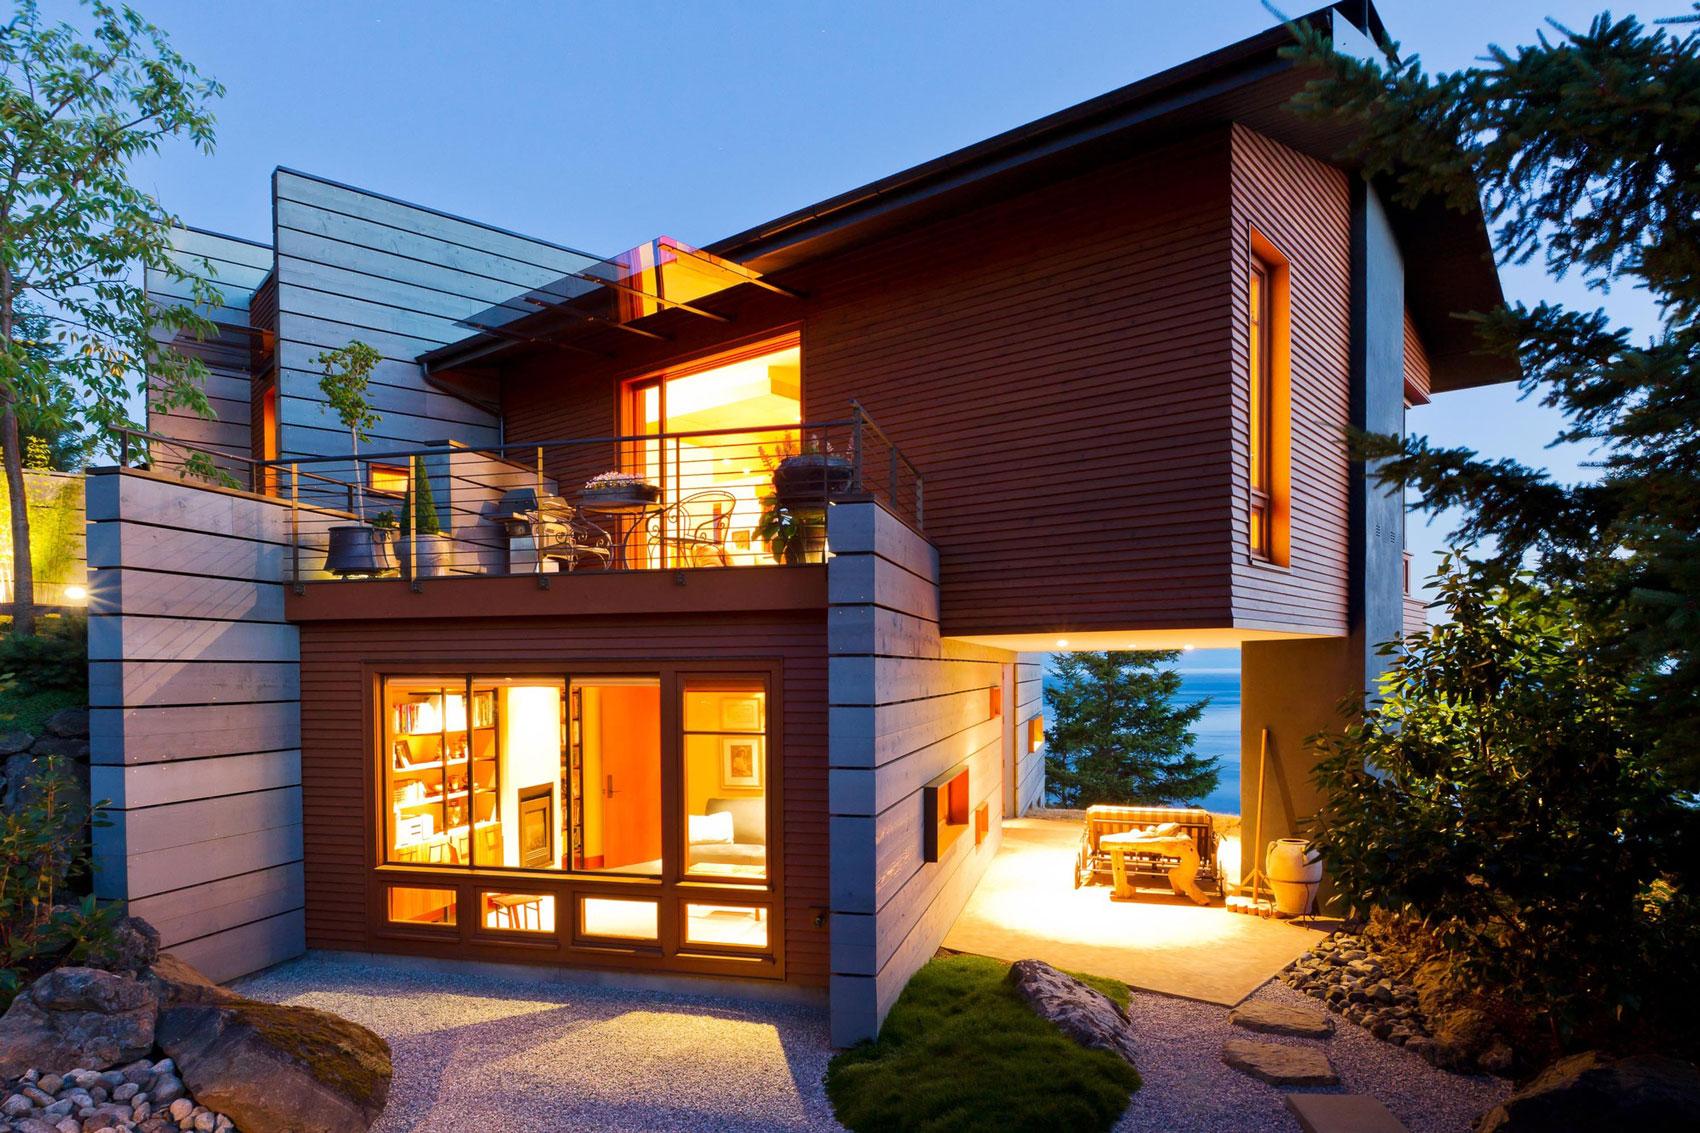 Небольшой необычный дом в стиле хай-тек